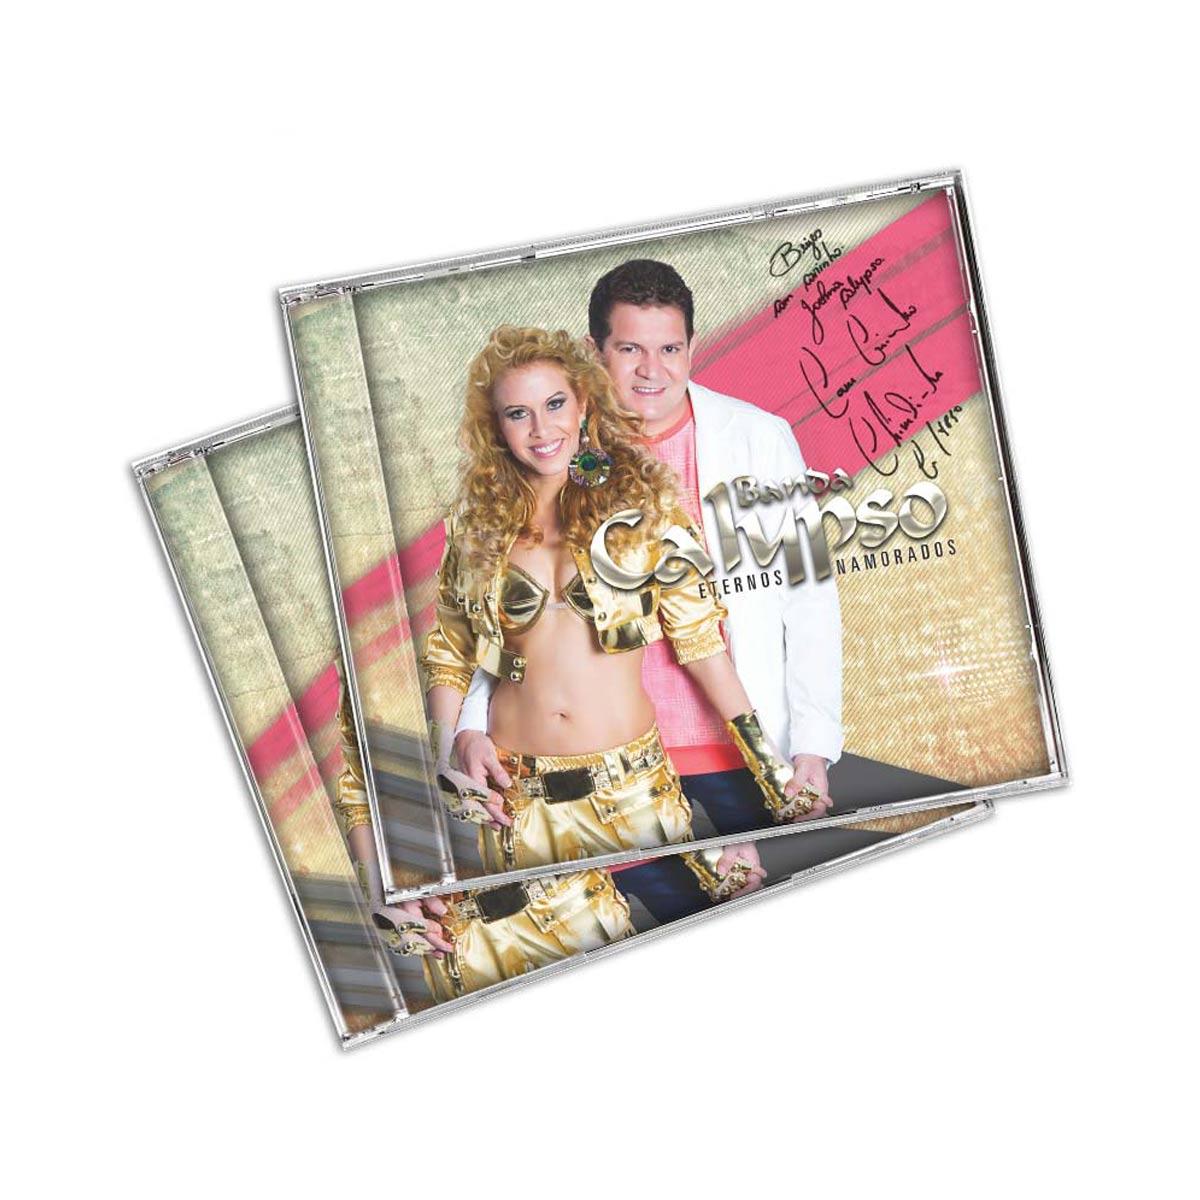 CD AUTOGRAFADO Calypso Eternos Namorados